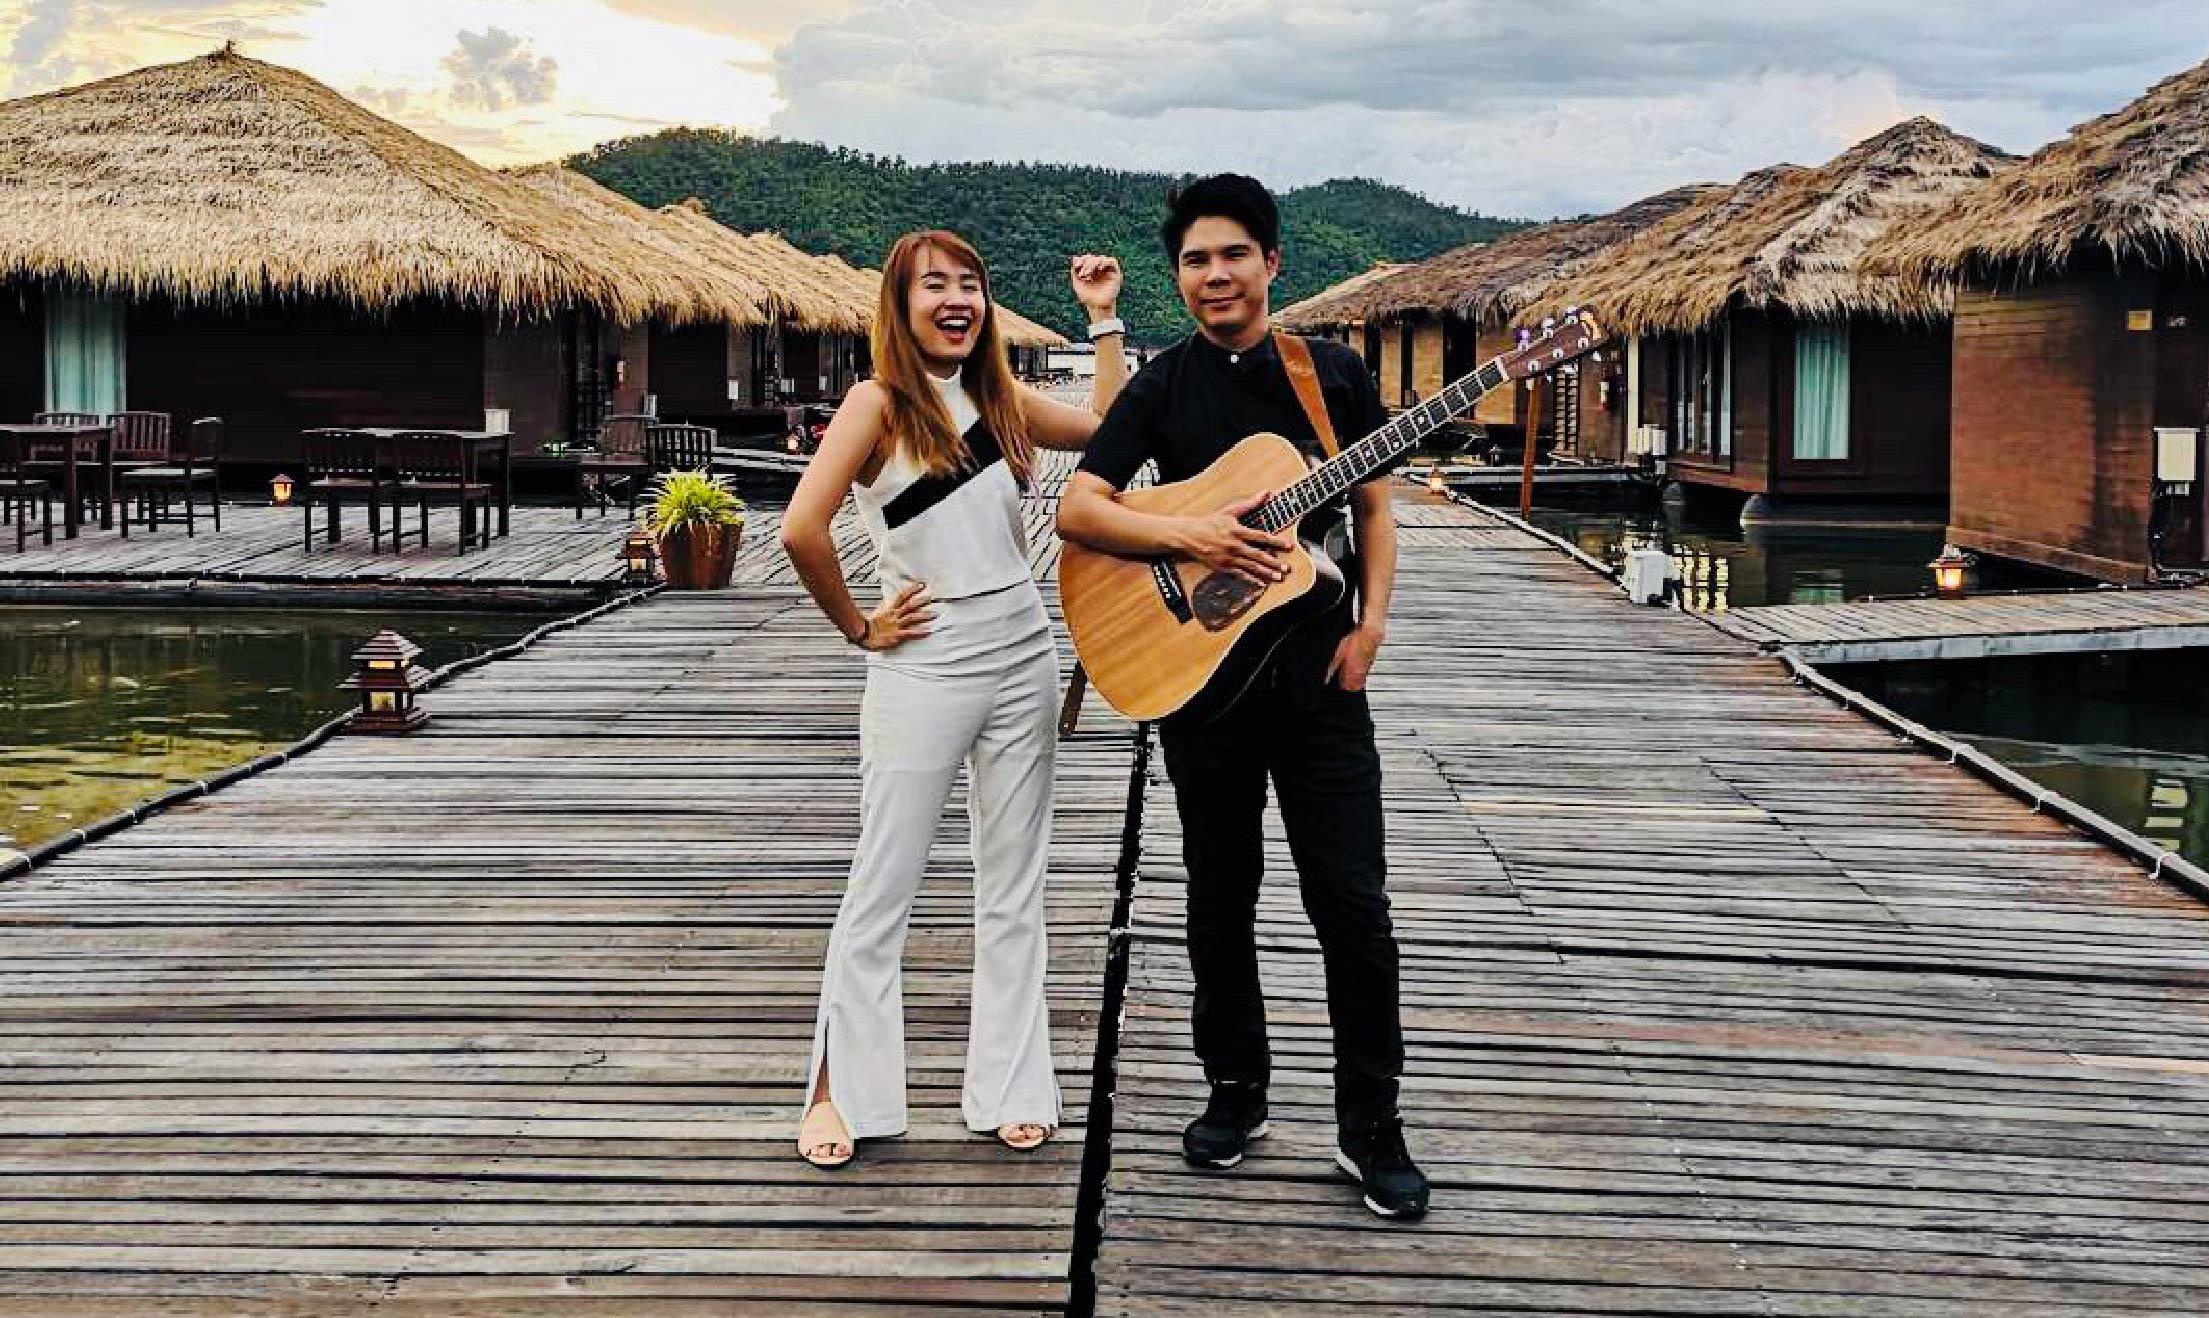 YogiBand วงดนตรีงานเลี้ยงกับบริษัท เมืองไทย แคปปิตอล จำกัด (มหาชน)